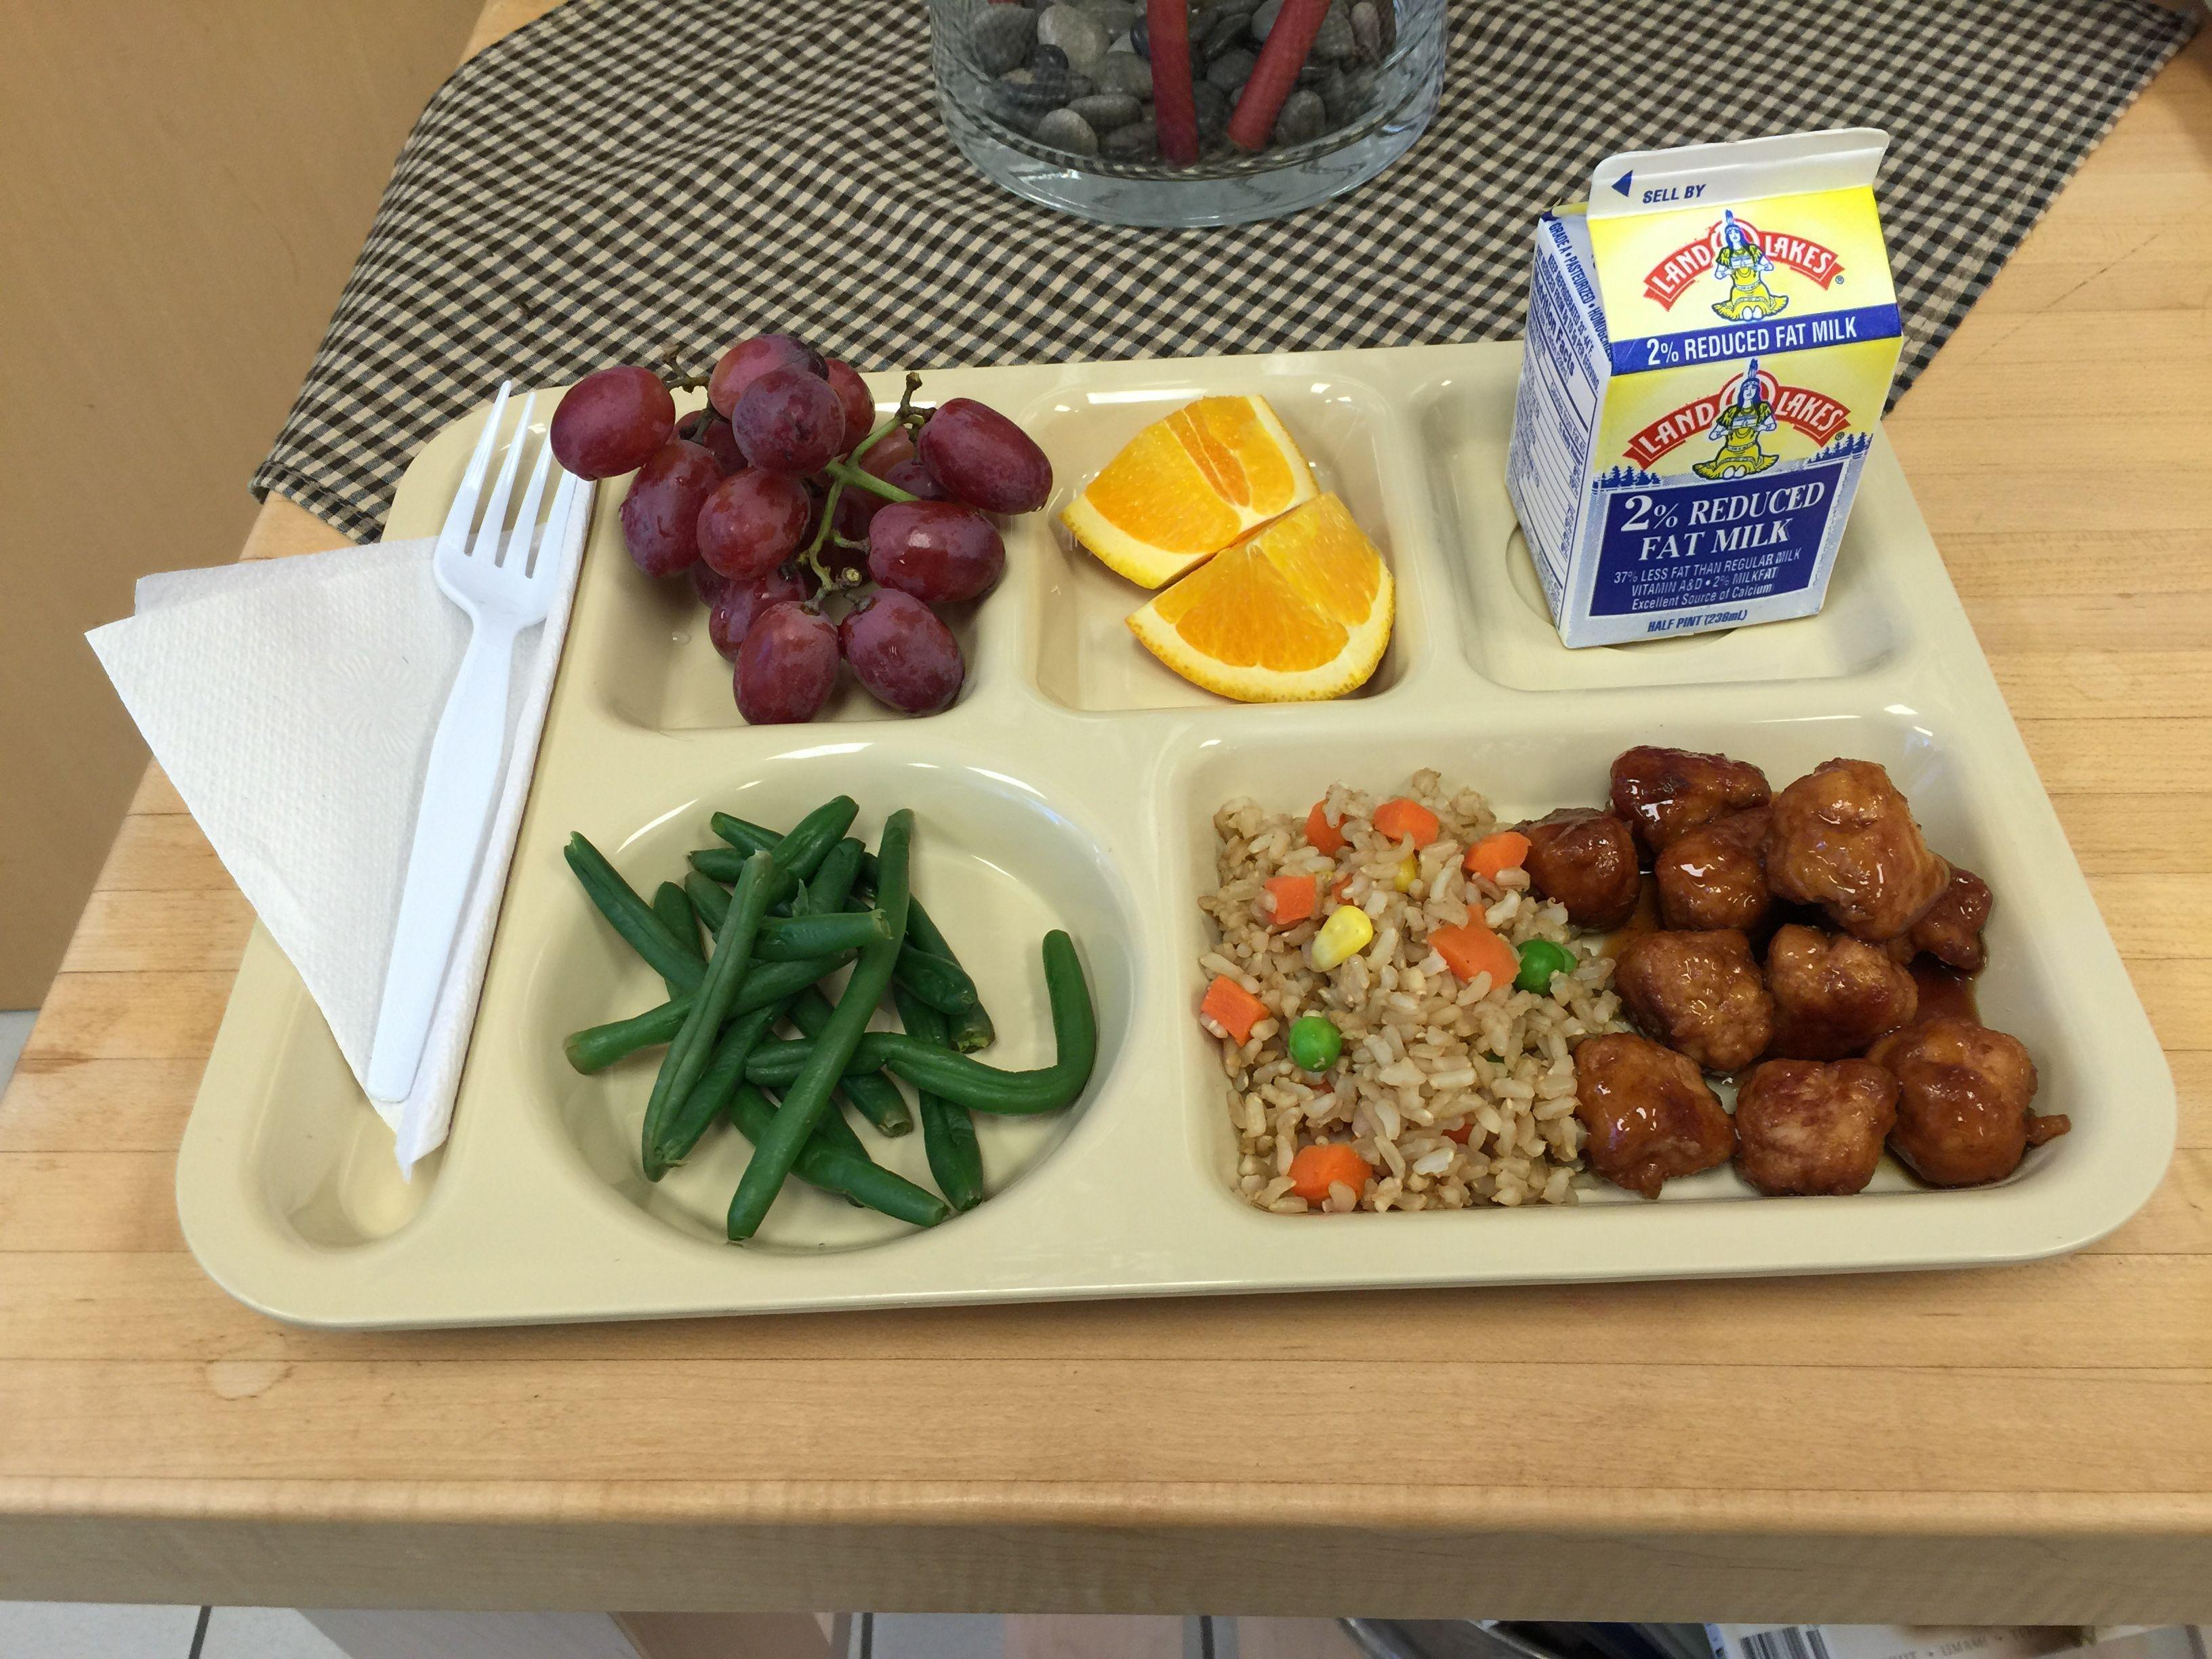 School meal from Schwan Foods K12 School, School Meal, School Lunch,  Cafeteria Food